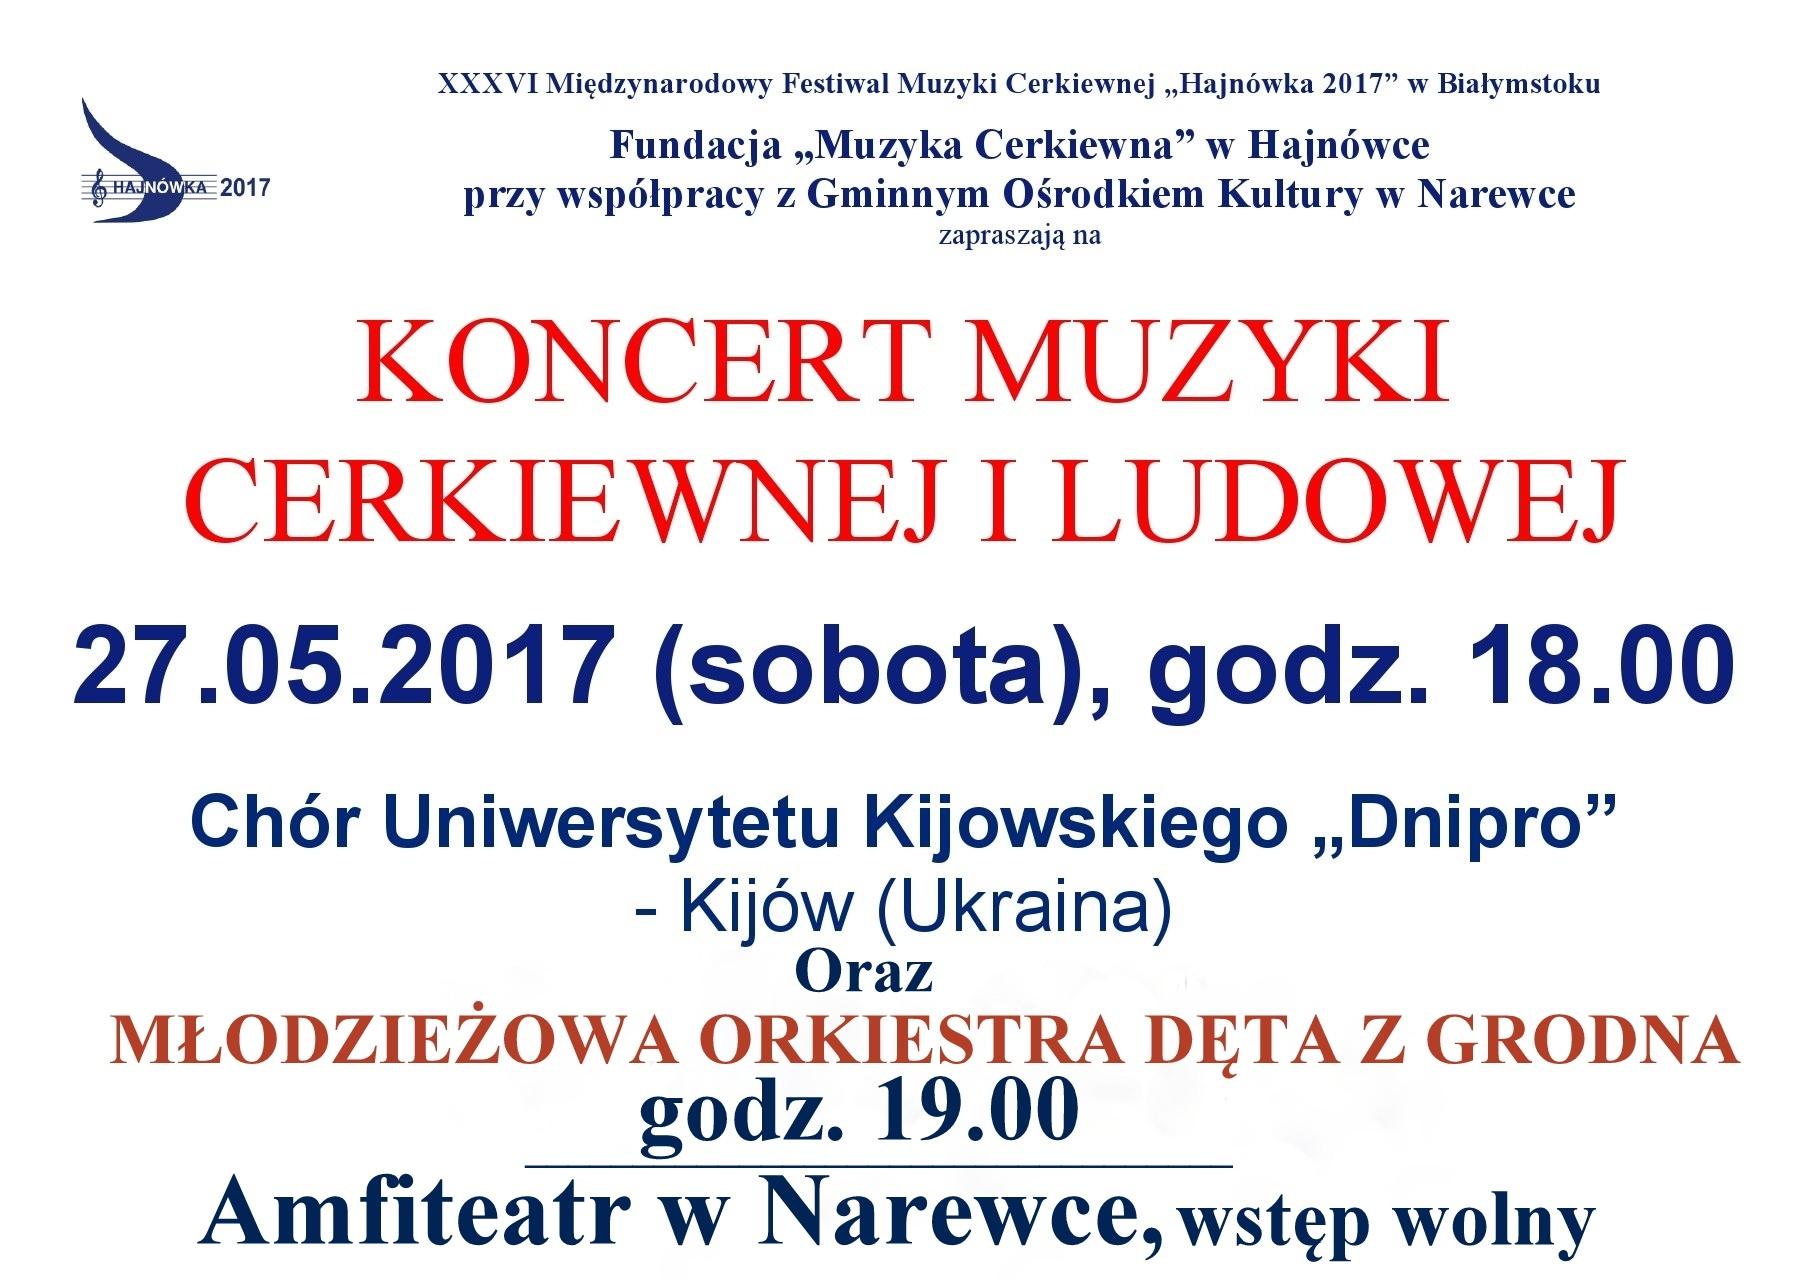 koncert 27.05